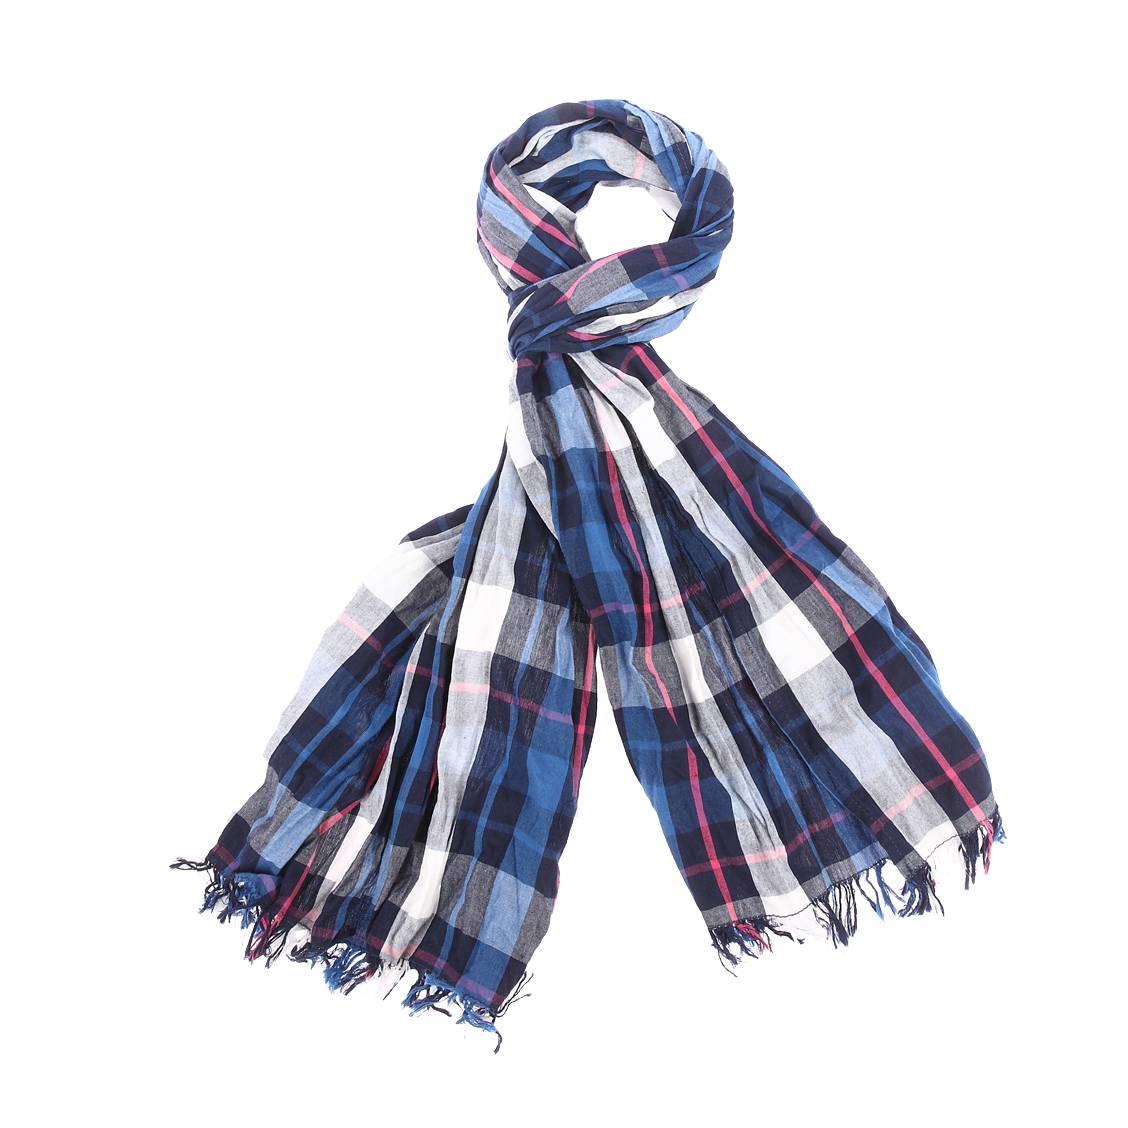 Chèche froissé  en coton à carreaux bleus, bleu marine, blancs, roses et gris